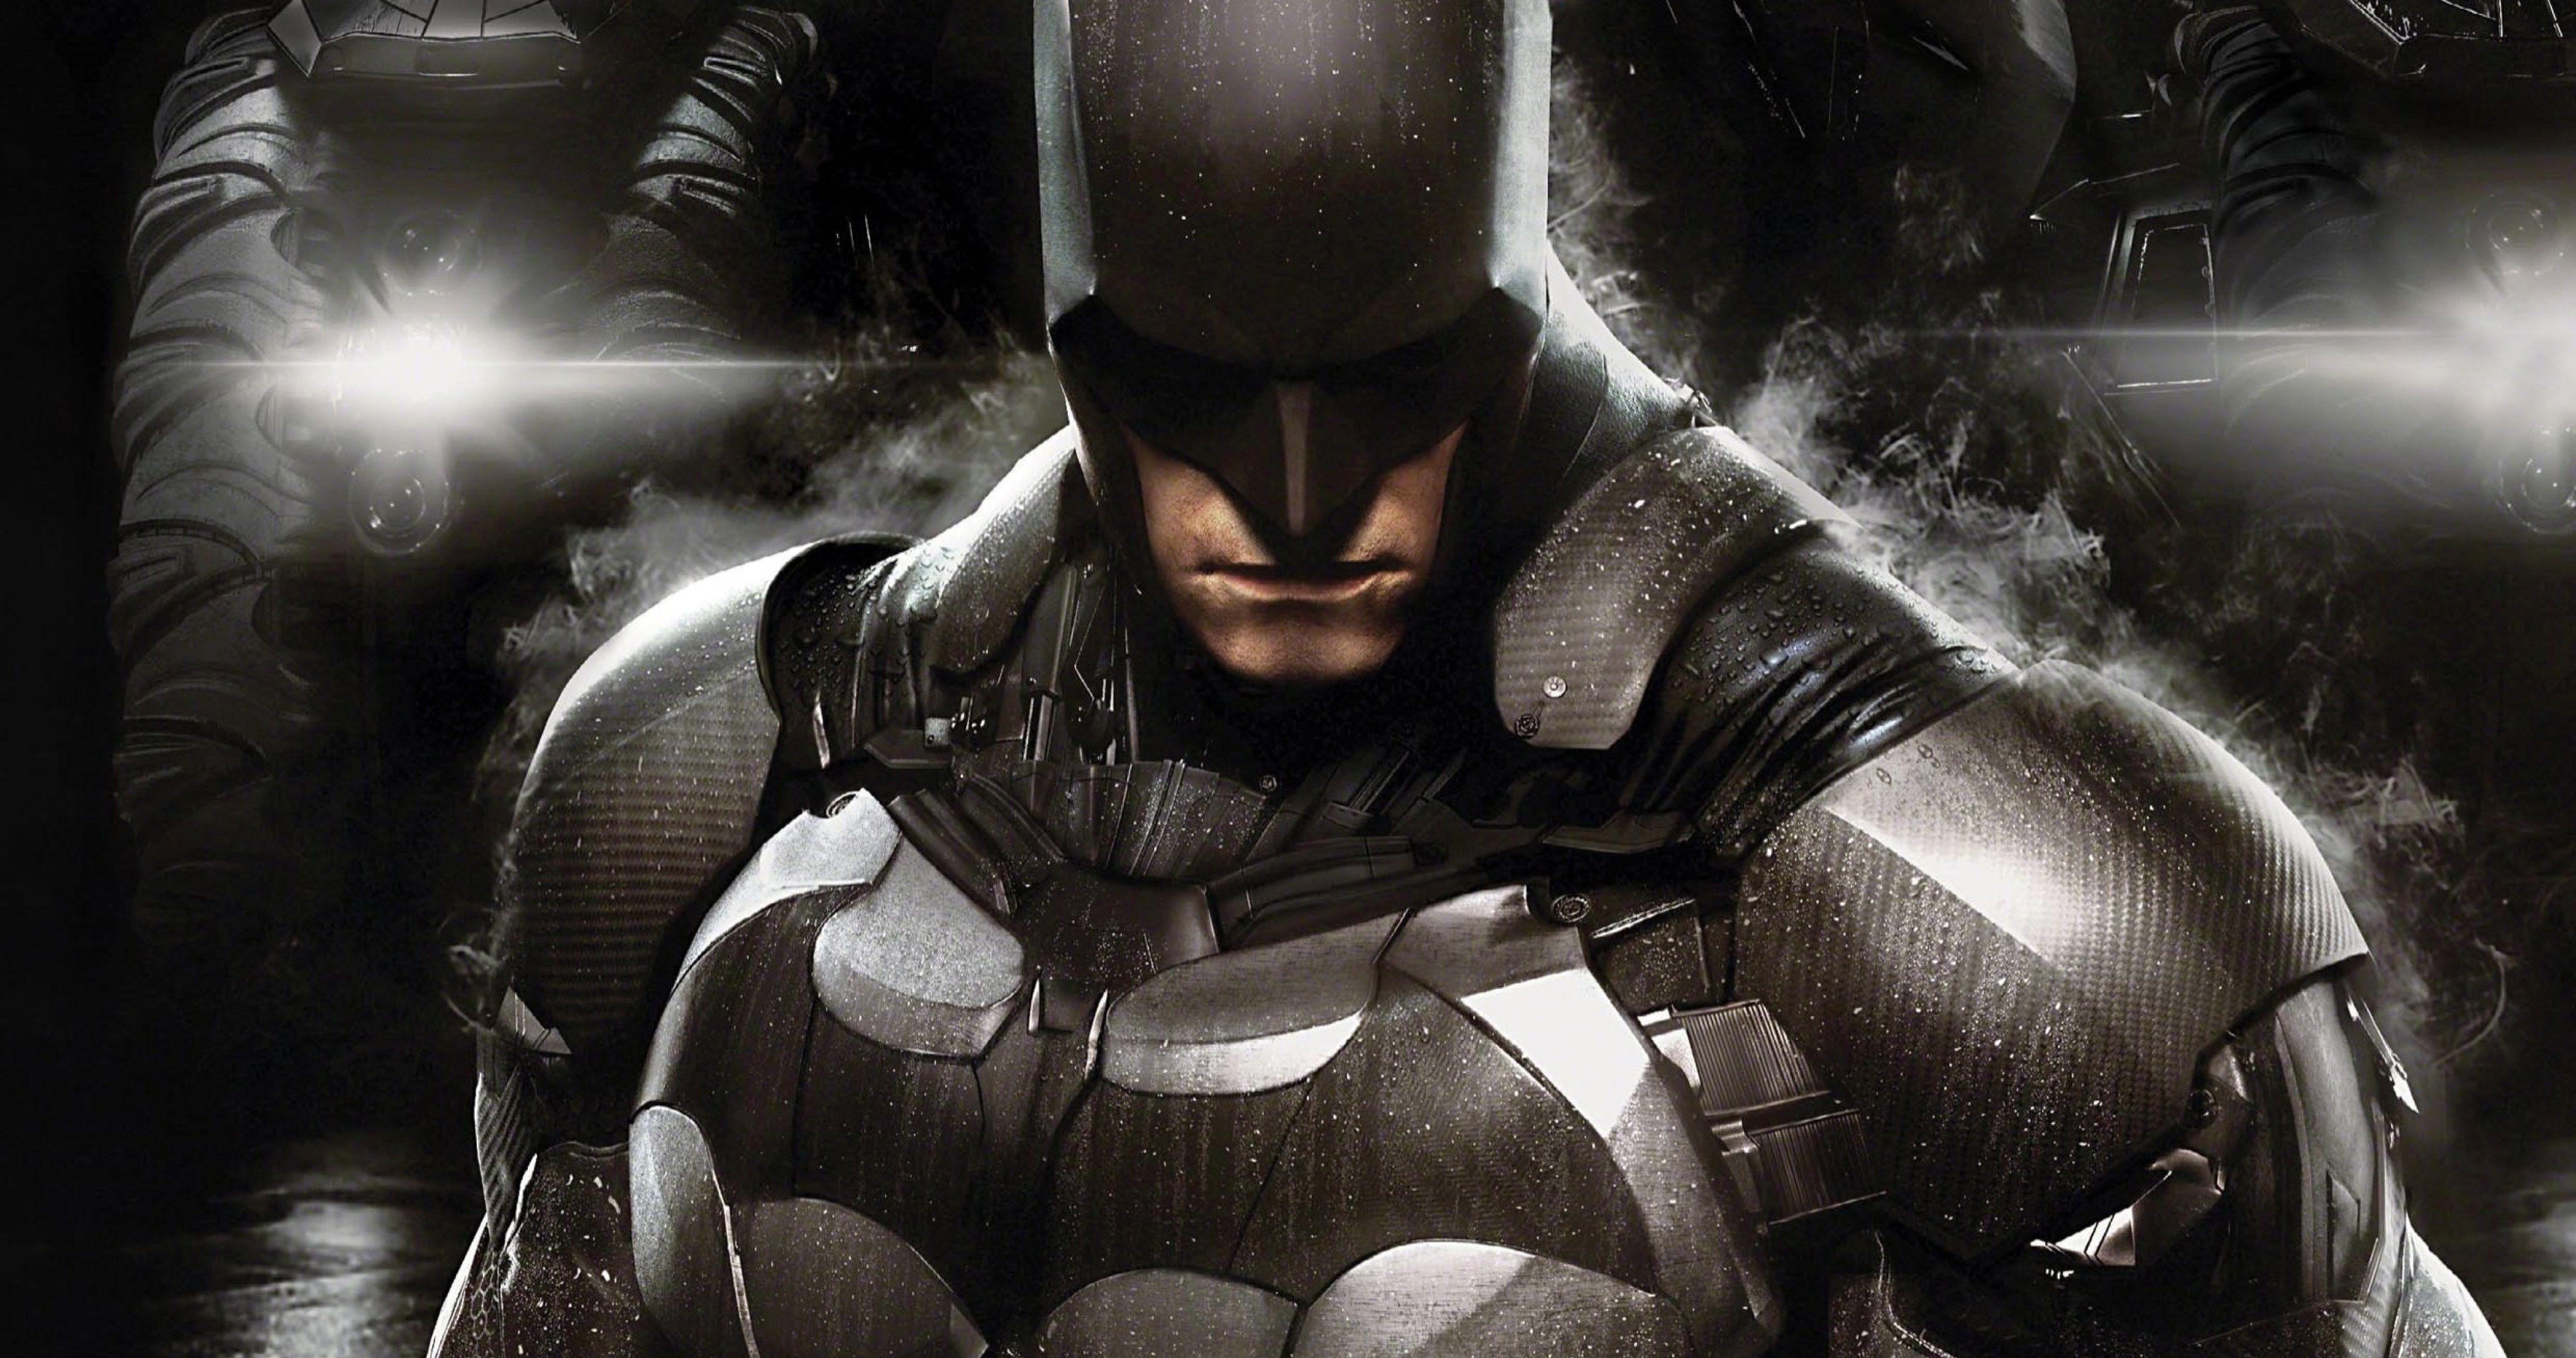 Batman Arkham Knight Bruce Wayne 4k Ultra Hd Wallpaper Batman Batman Arkham Superhero